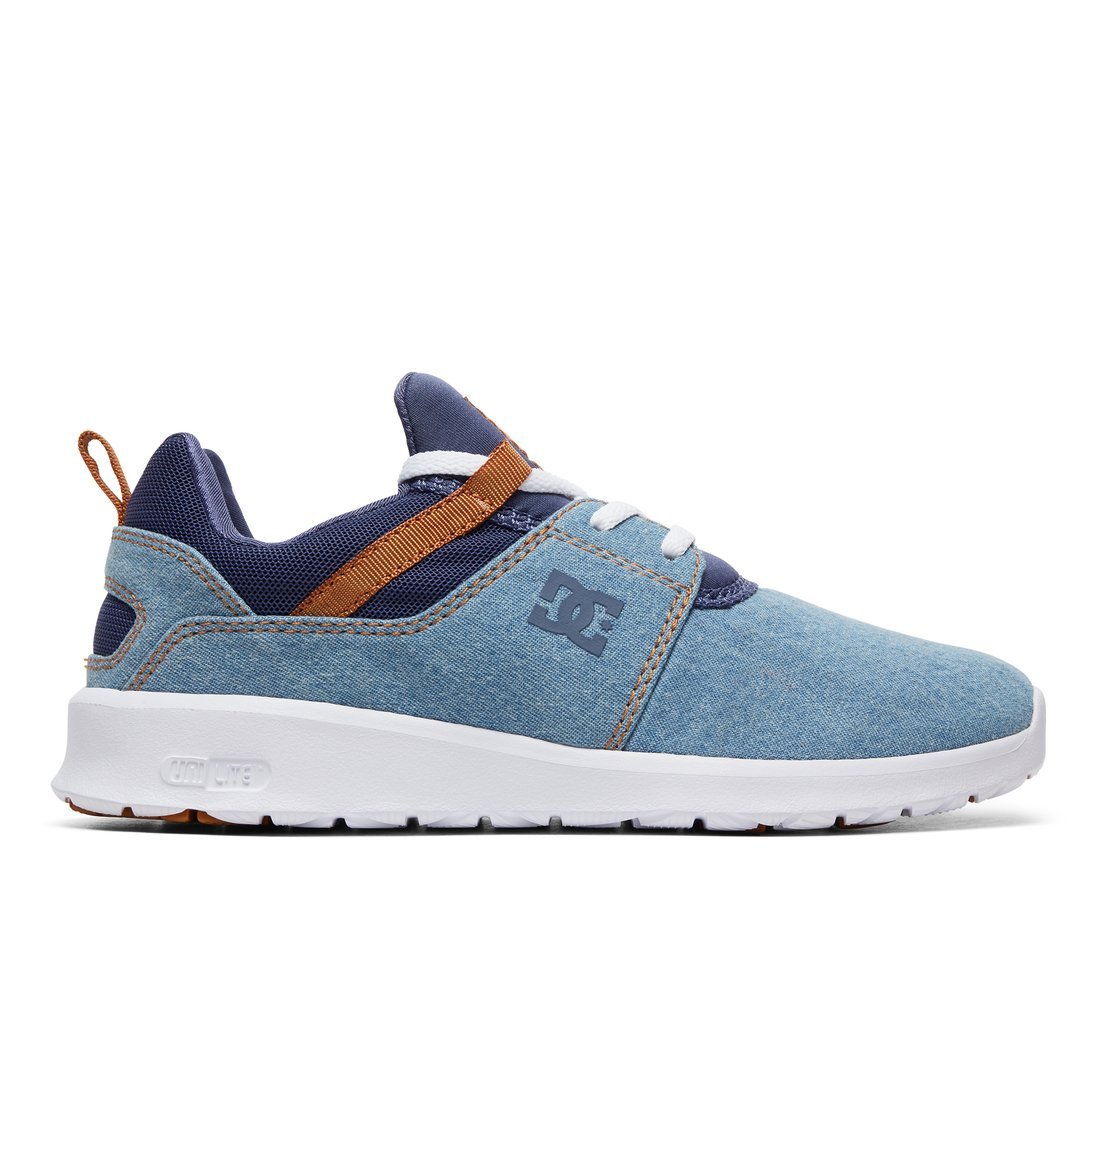 Heathrow TX Shoes Shoes DC SE ADJS700025 rrxZwq4d